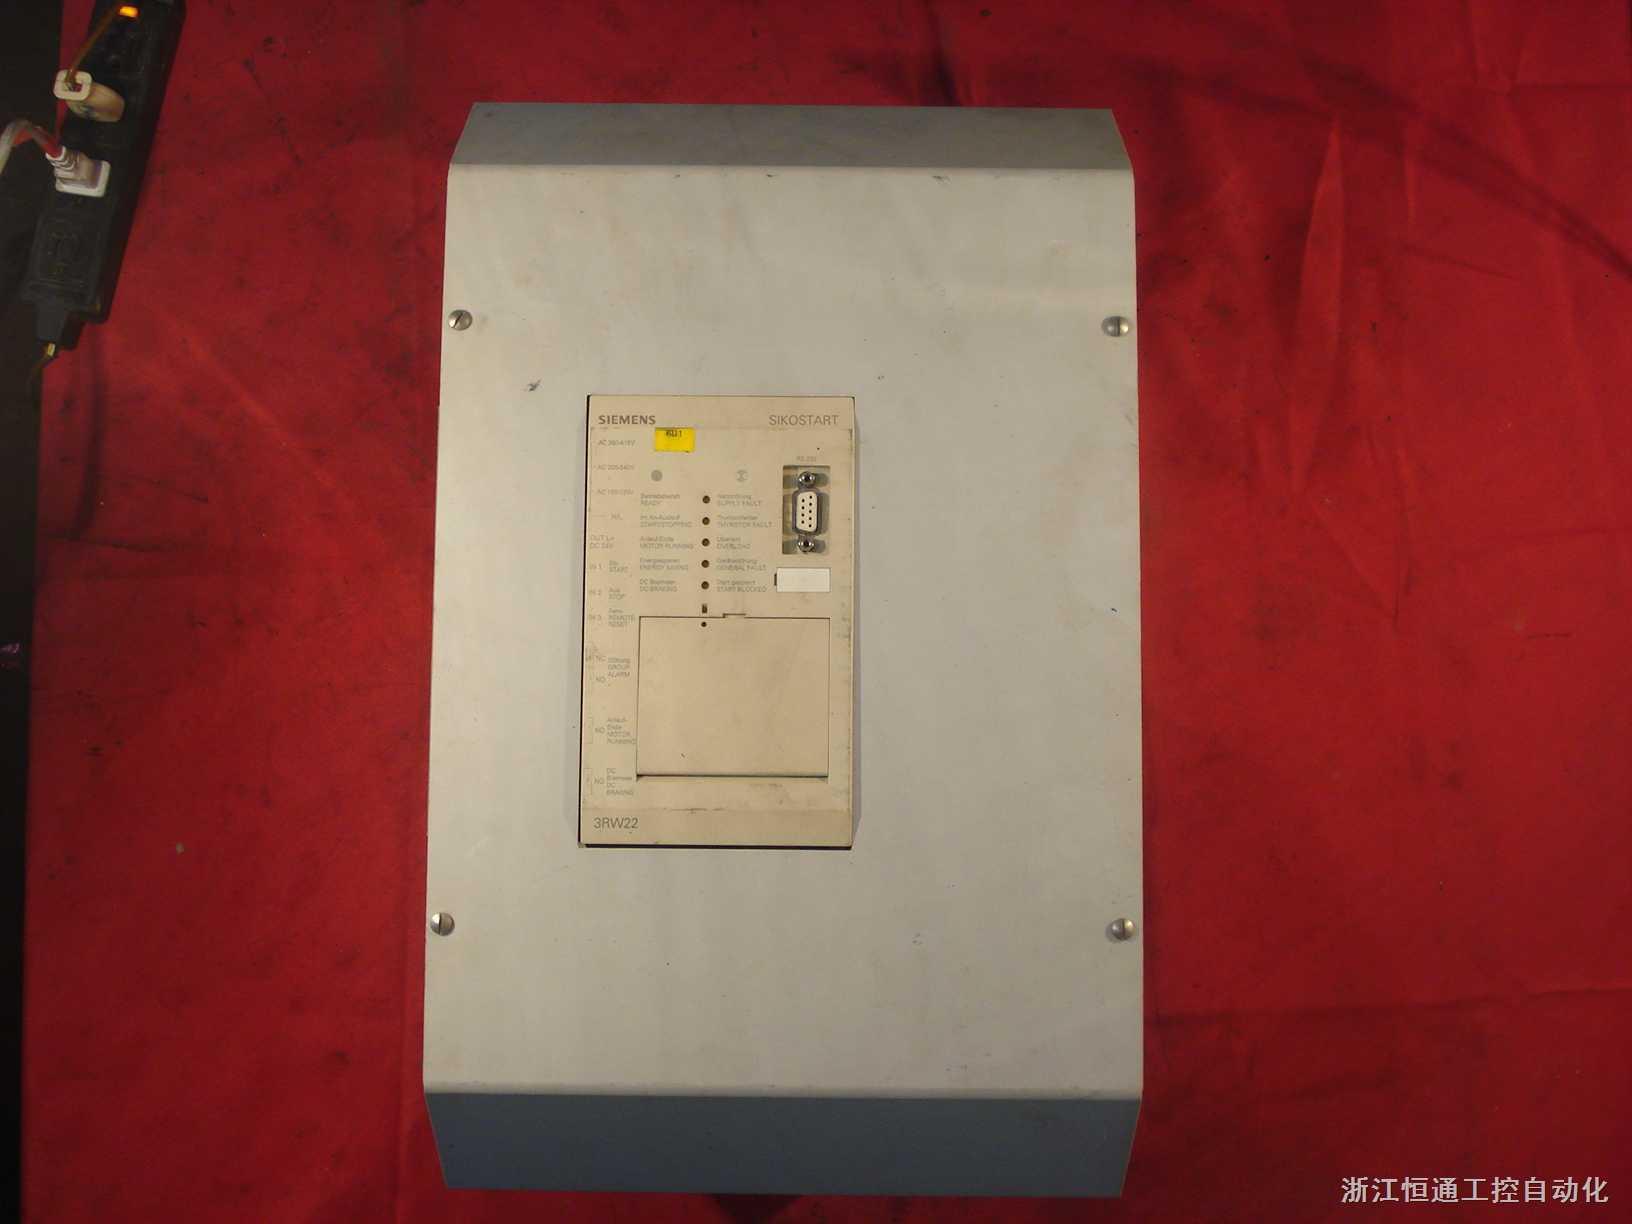 西门子电动机软起动器(SIKOSTART)   3RW22